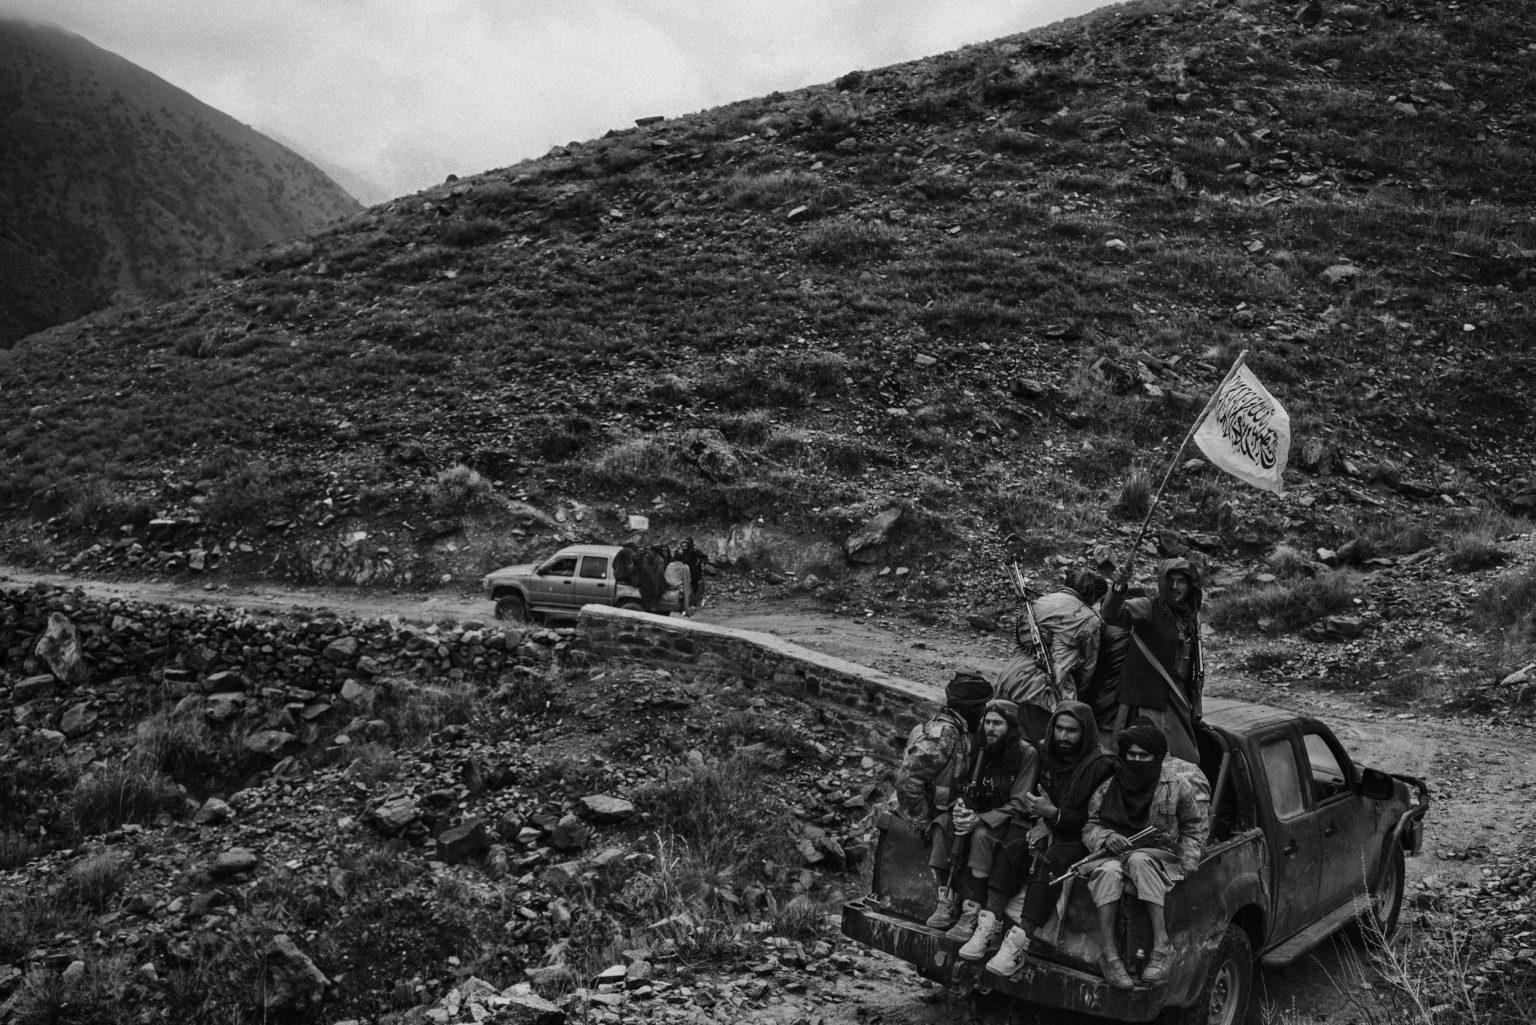 Nangarhar province, Afghanistan, December 2019 -Taliban fighters drive on a road of Khogiani district and display their flag. The area was previously control by the Islamic State then retook by the Taliban. >< Provincia di Nangarhar, Afganistan, dicembre 2019 -  Combattenti talebani guidano su una strada del distretto di Khogiani mostrano la loro bandiera. L'area era precedentemente sotto il controllo dello Stato islamico, quindi riappropriata dai talebani.